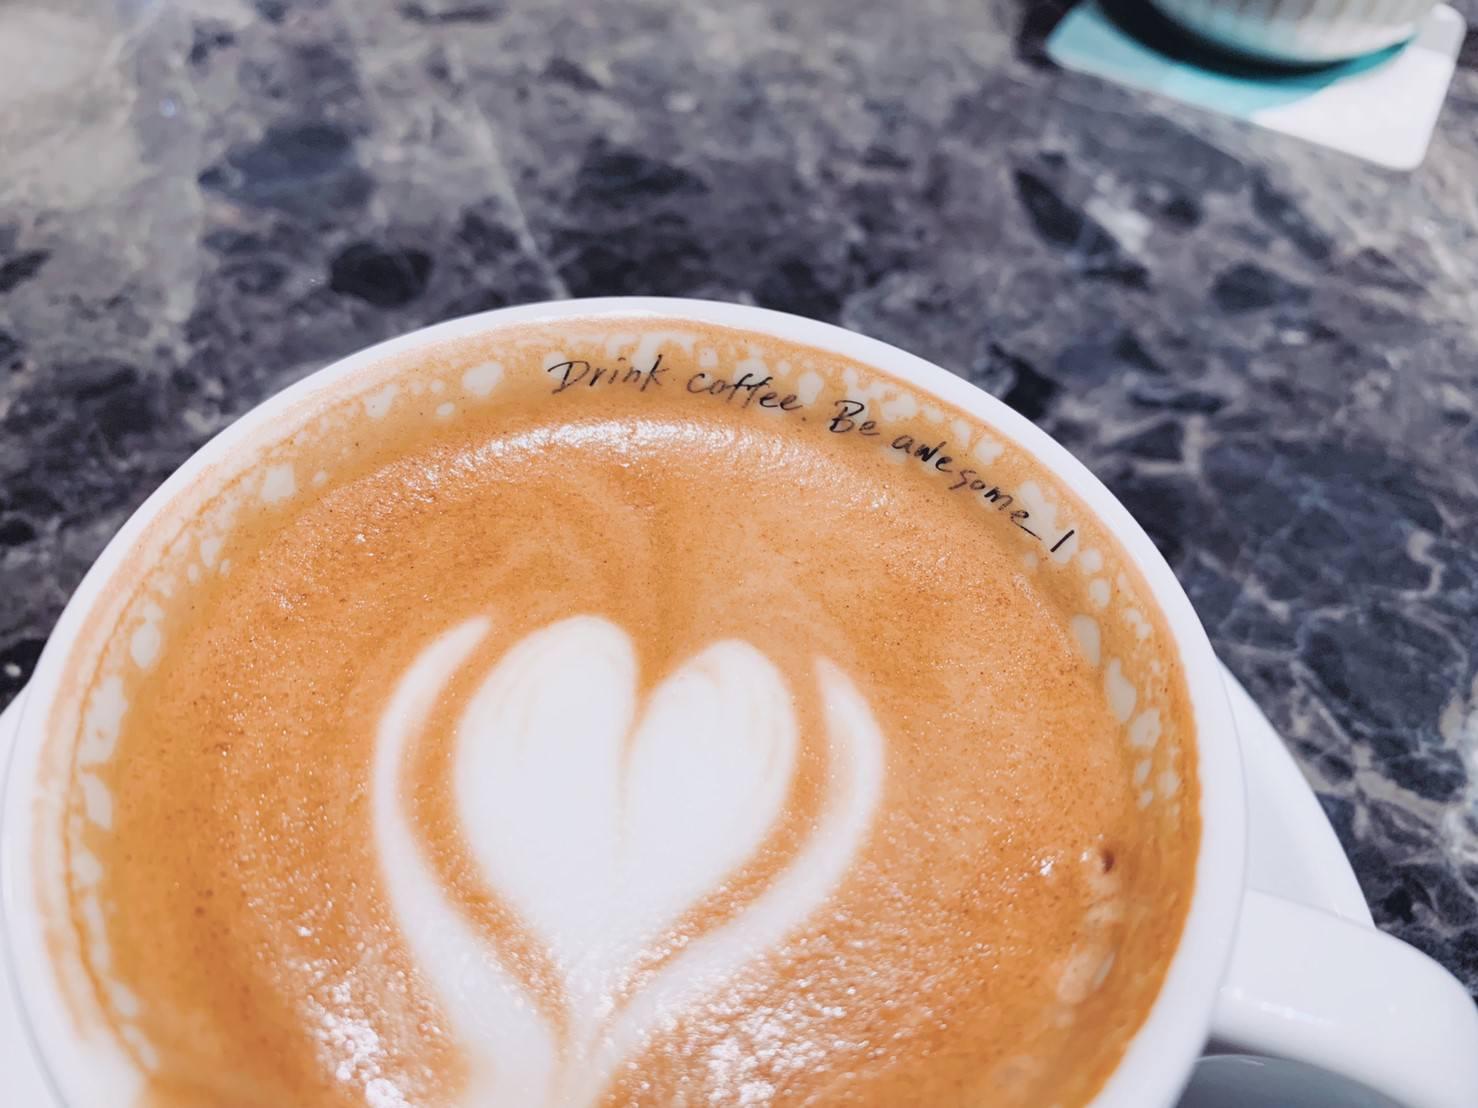 台北咖啡推薦 :: Simple Kaffa興波咖啡 世界第一咖啡!轉過身煮好每一杯咖啡,咖啡可以是日常